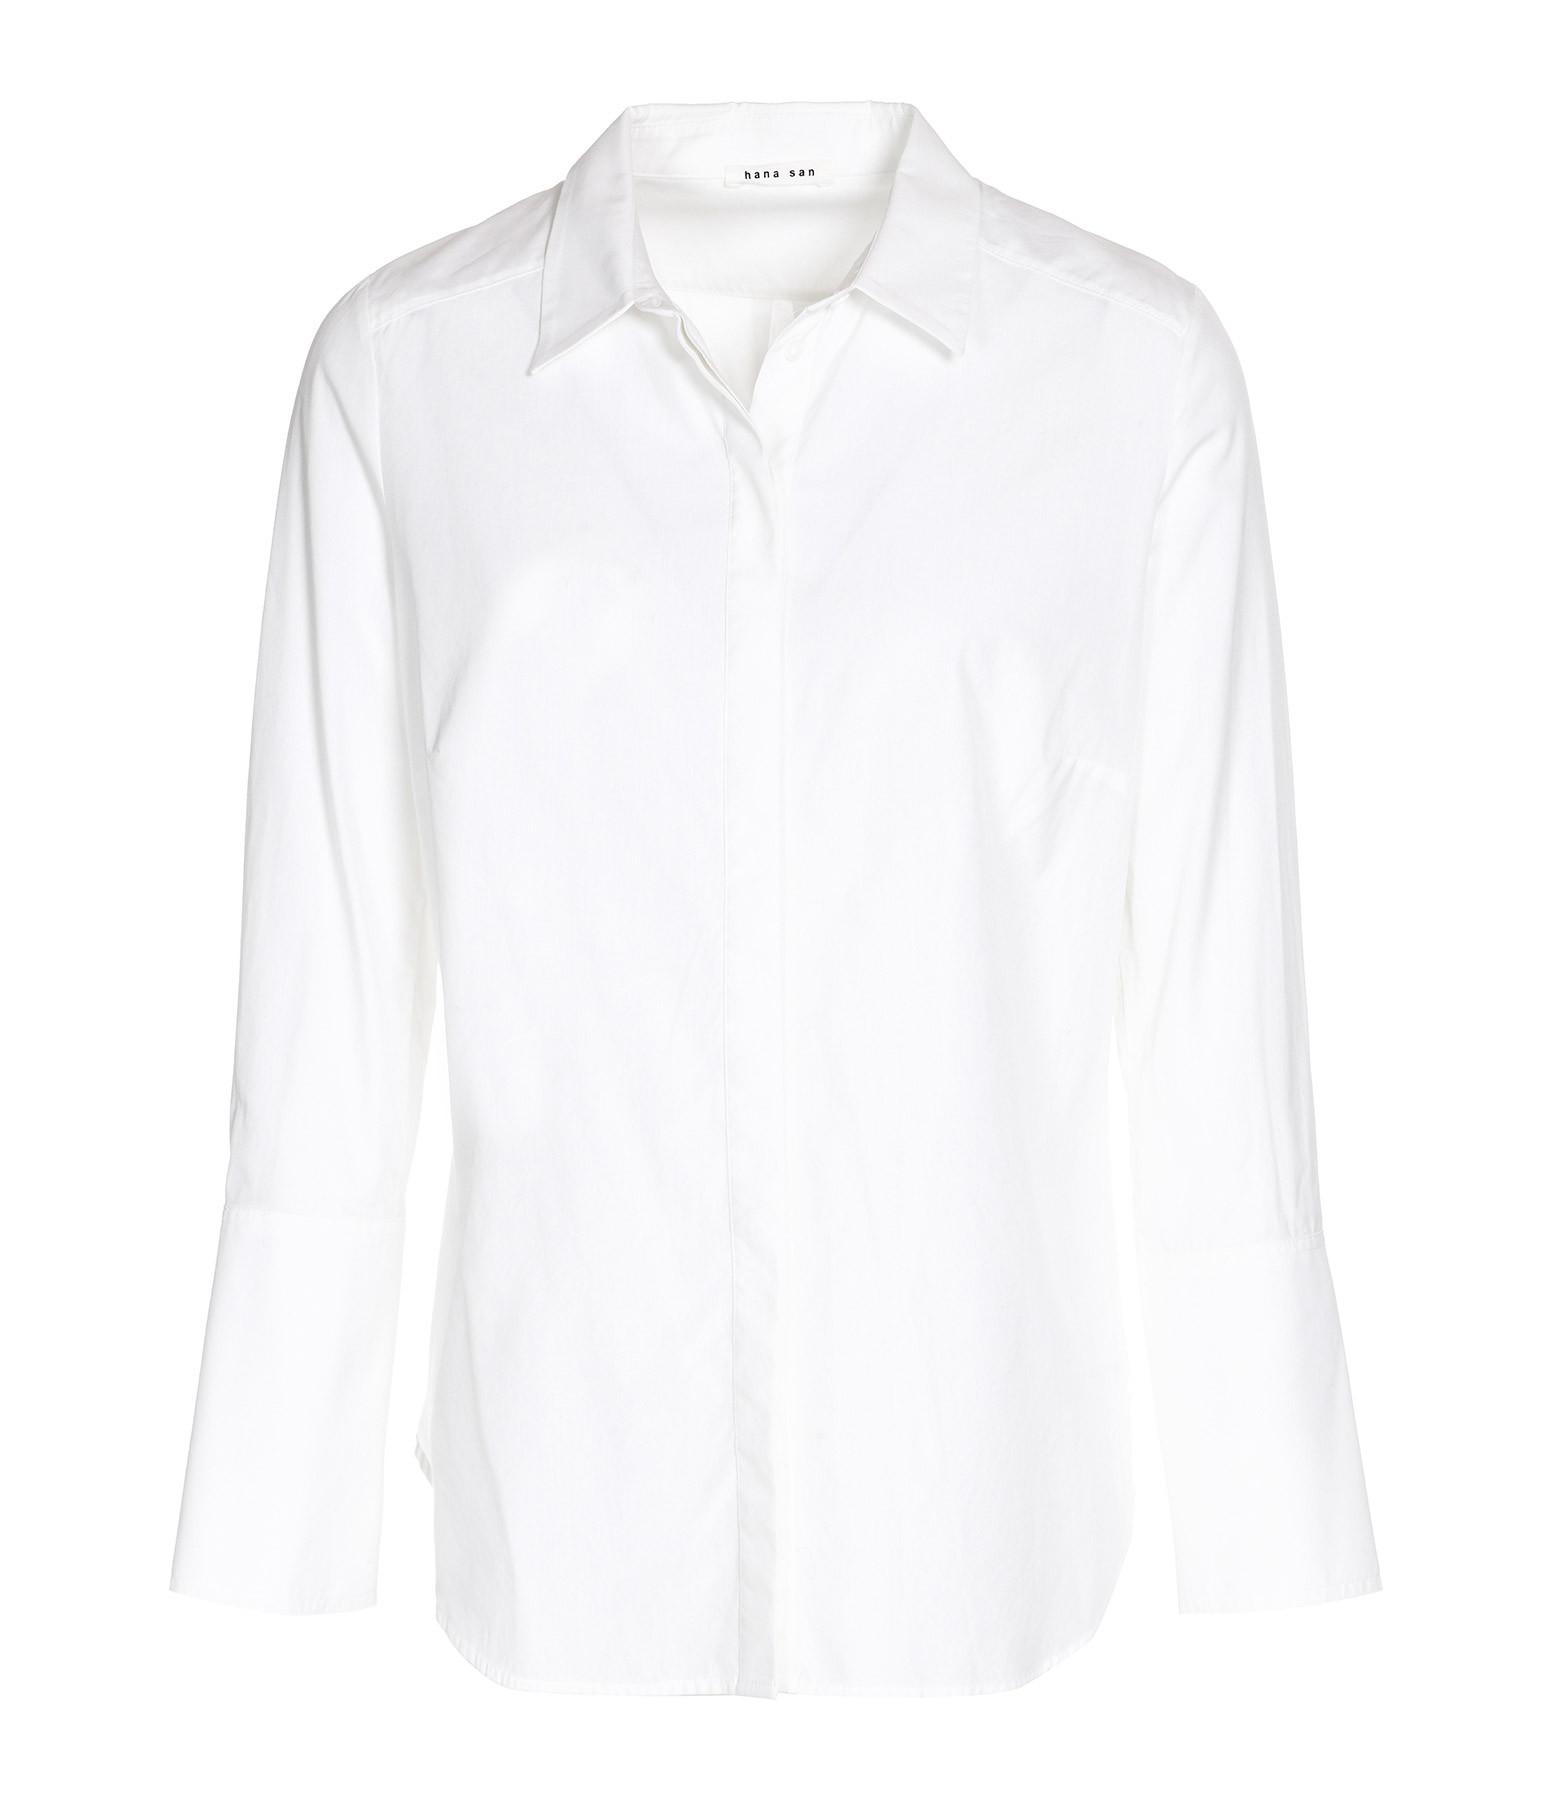 HANA SAN - Chemise Ema Coton Blanc